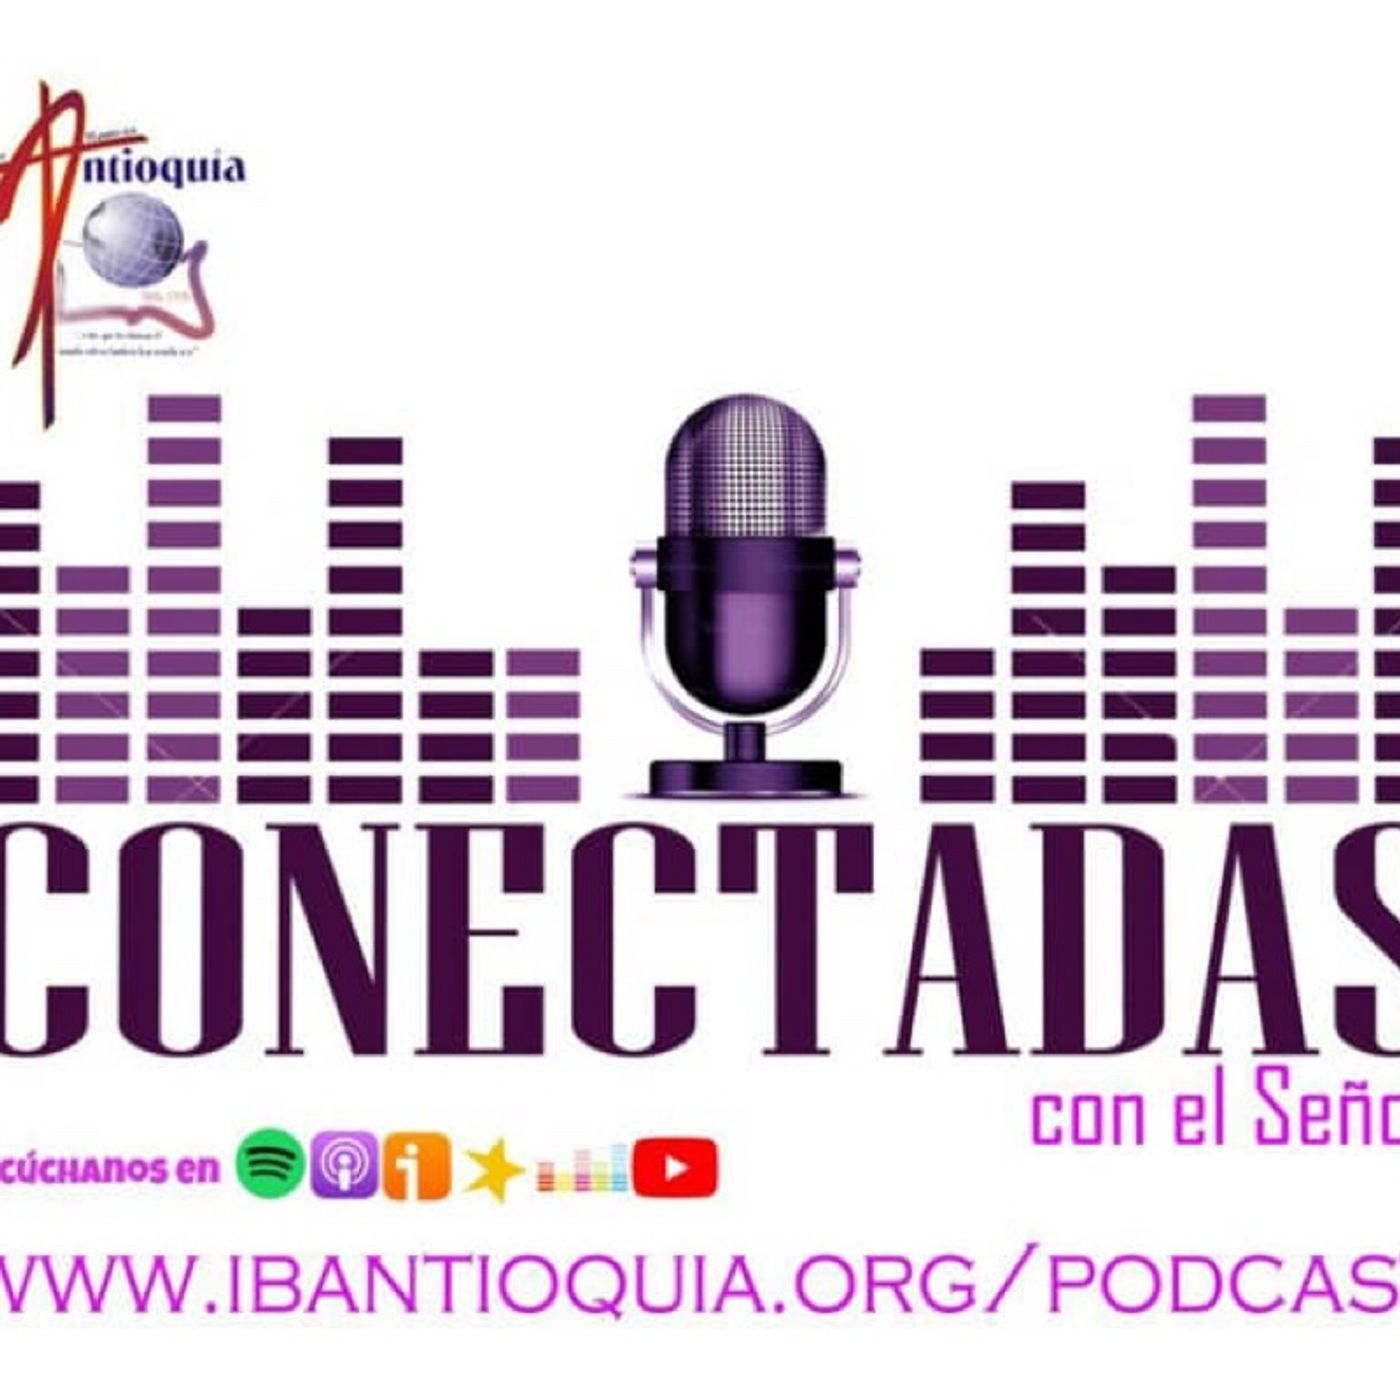 Episodio 23 - Conectadas - IBA